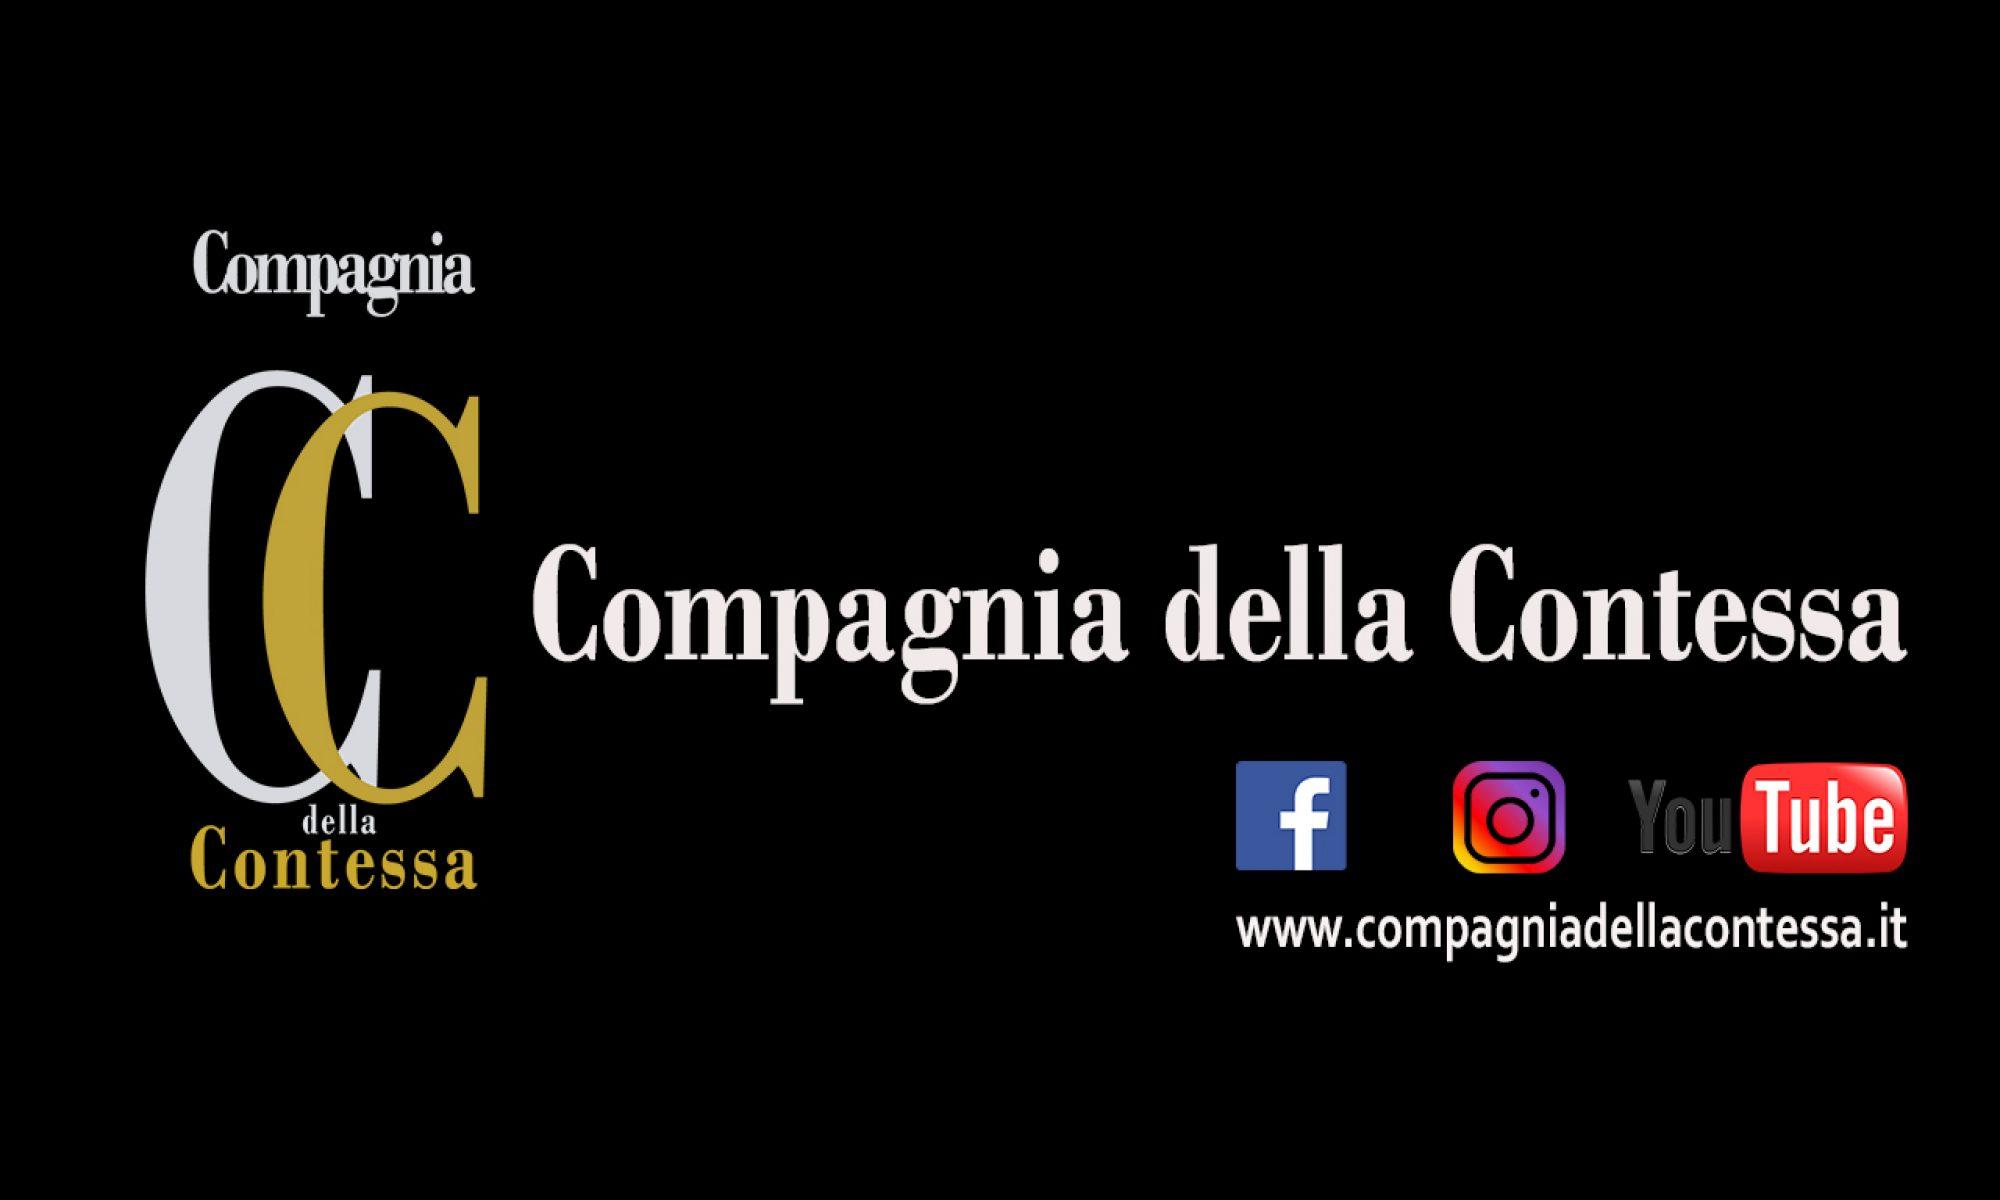 Compagnia della Contessa